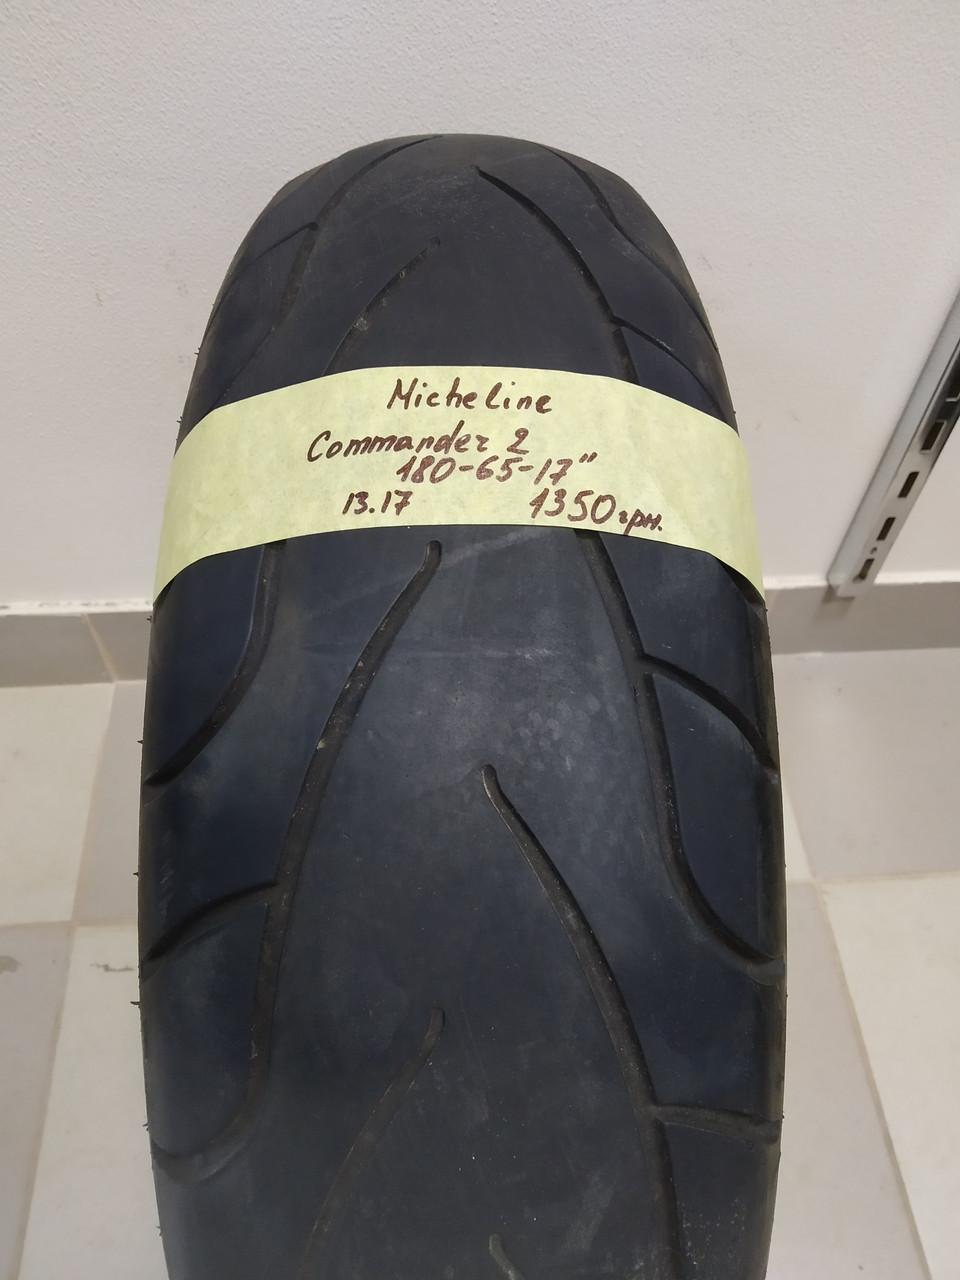 Michelin commander 2 180  65 17 (13.17) мото резина покрышка колесо шина